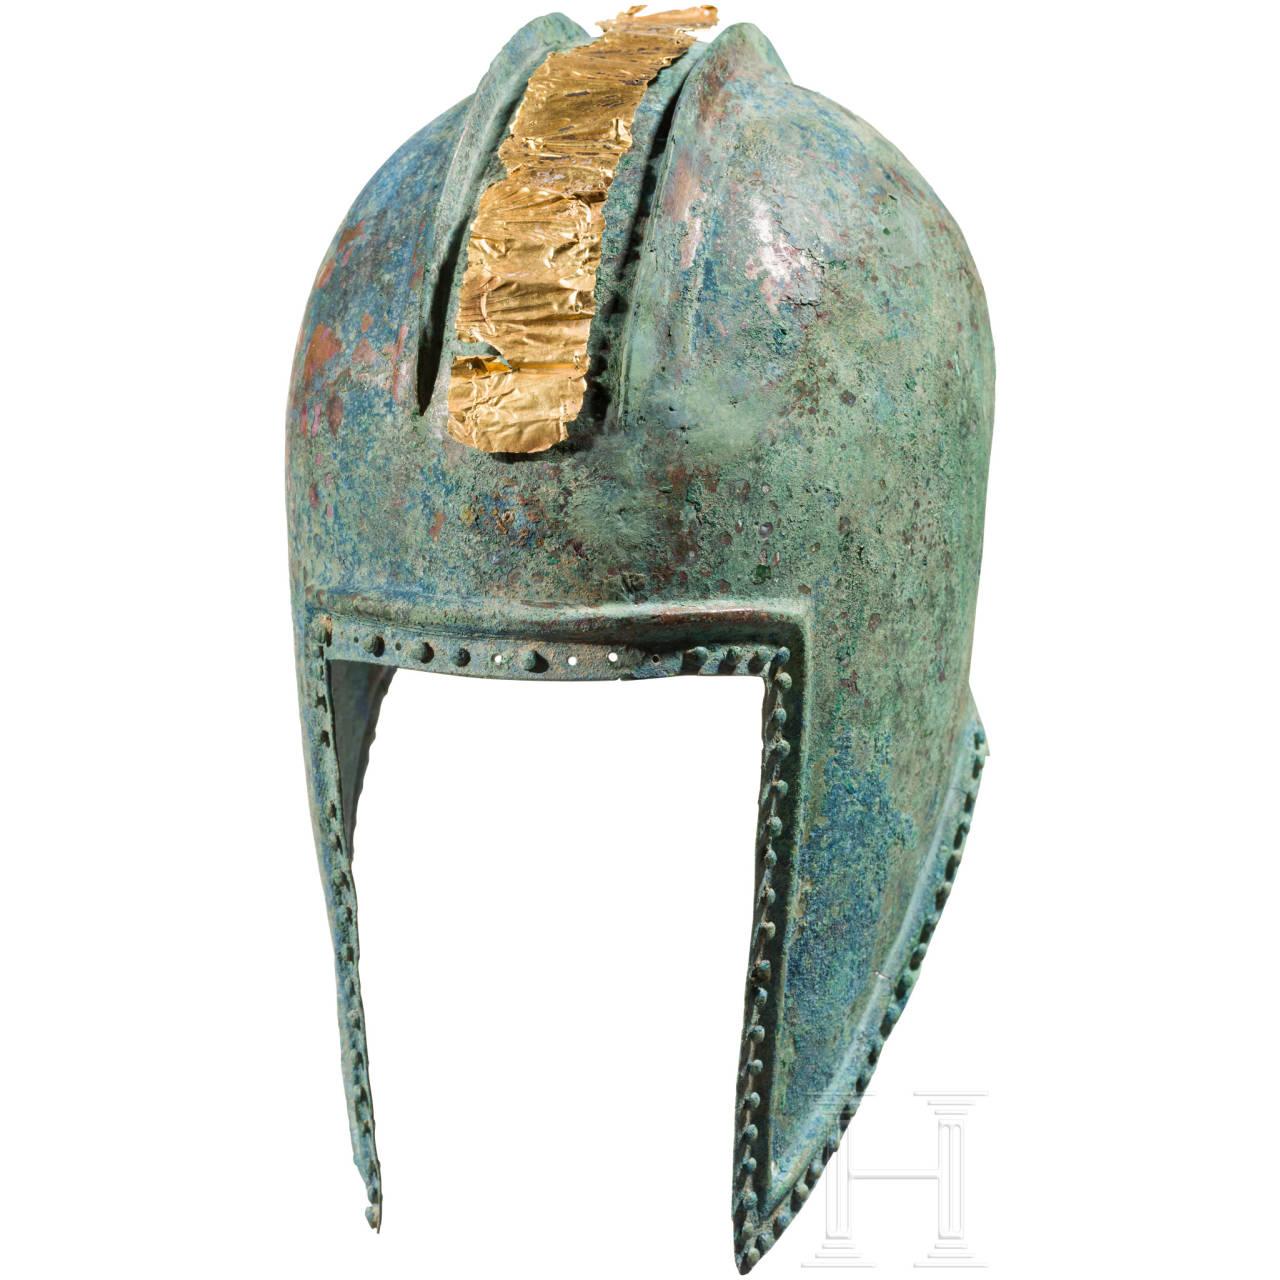 Illyrischer Helm, griechisch, 5. Jhdt. v. Chr.